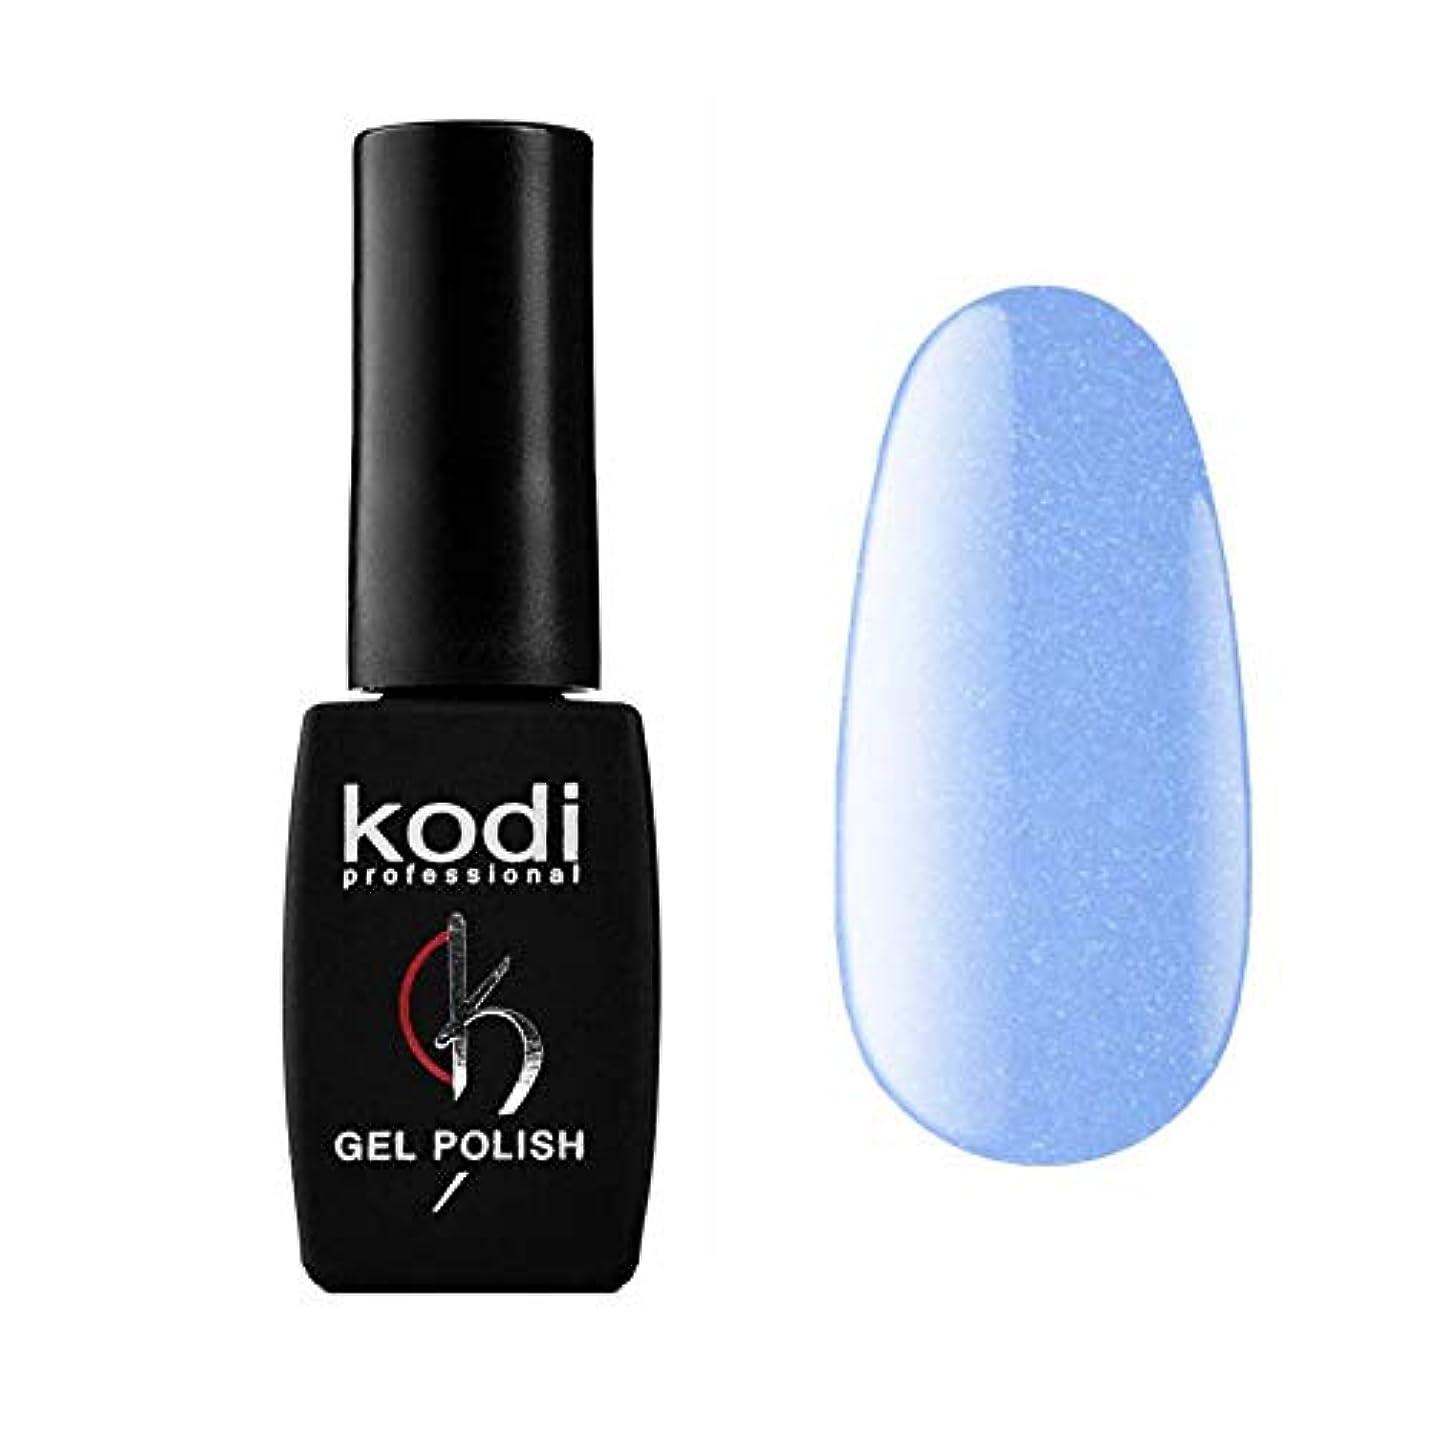 継続中博覧会勤勉Kodi Professional New Collection B BLUE #140 Color Gel Nail Polish 12ml 0.42 Fl Oz LED UV Genuine Soak Off